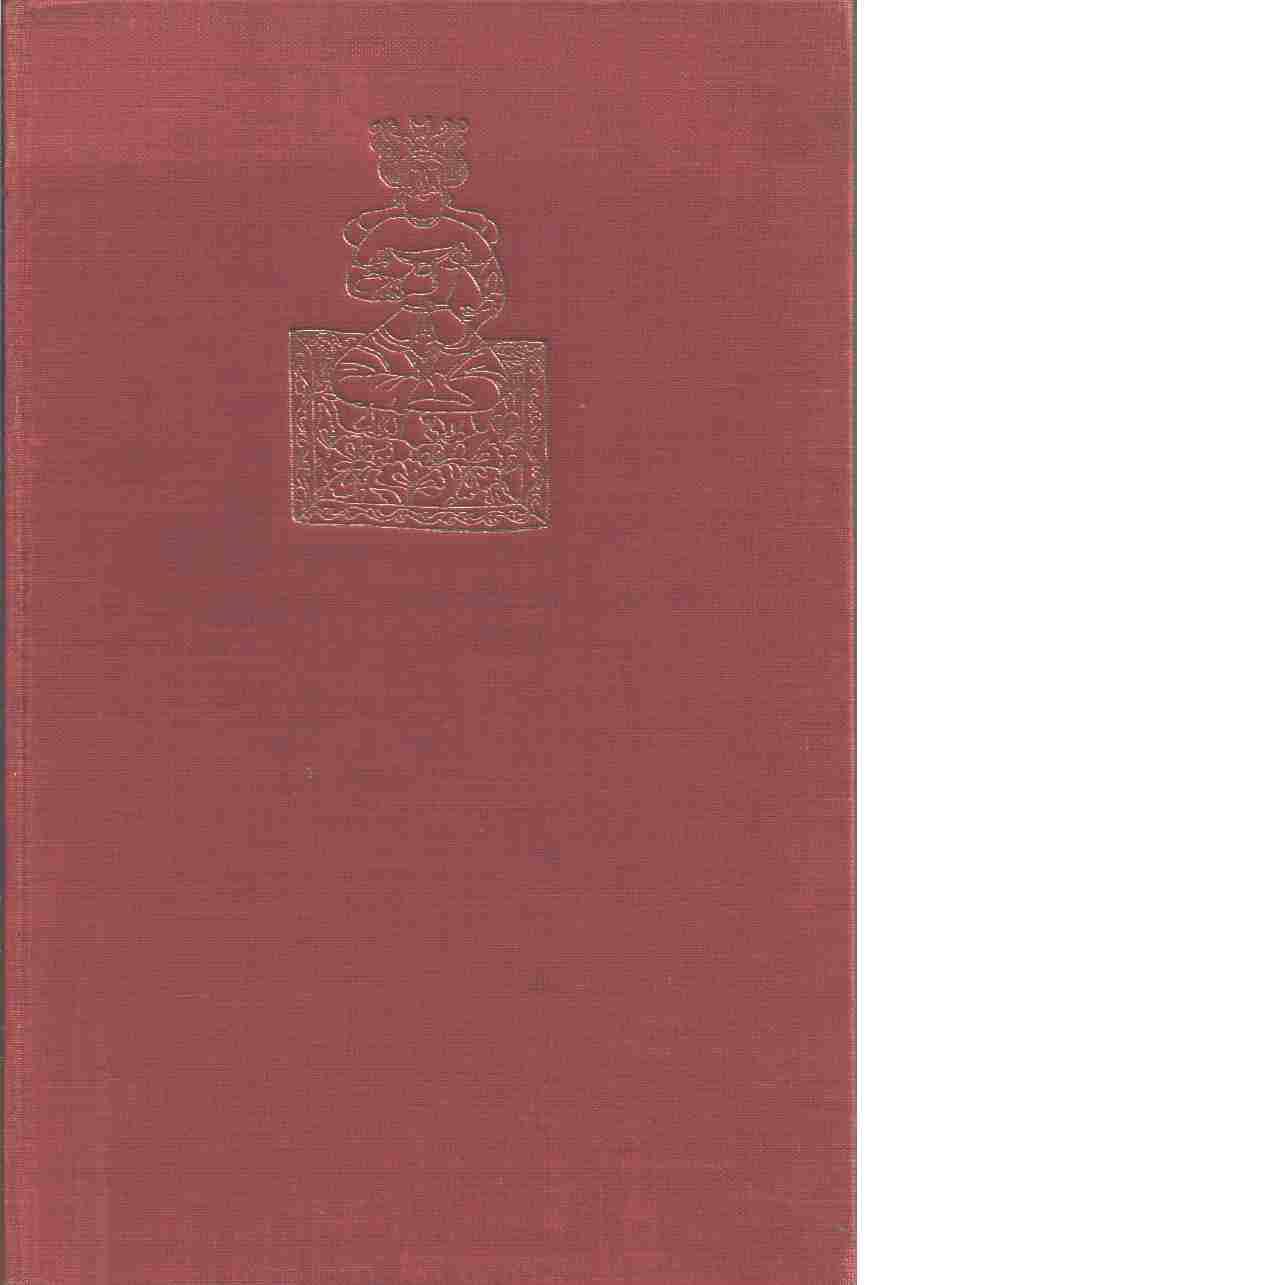 Orientens mattor och deras vård : handbok - Sterner, Maj